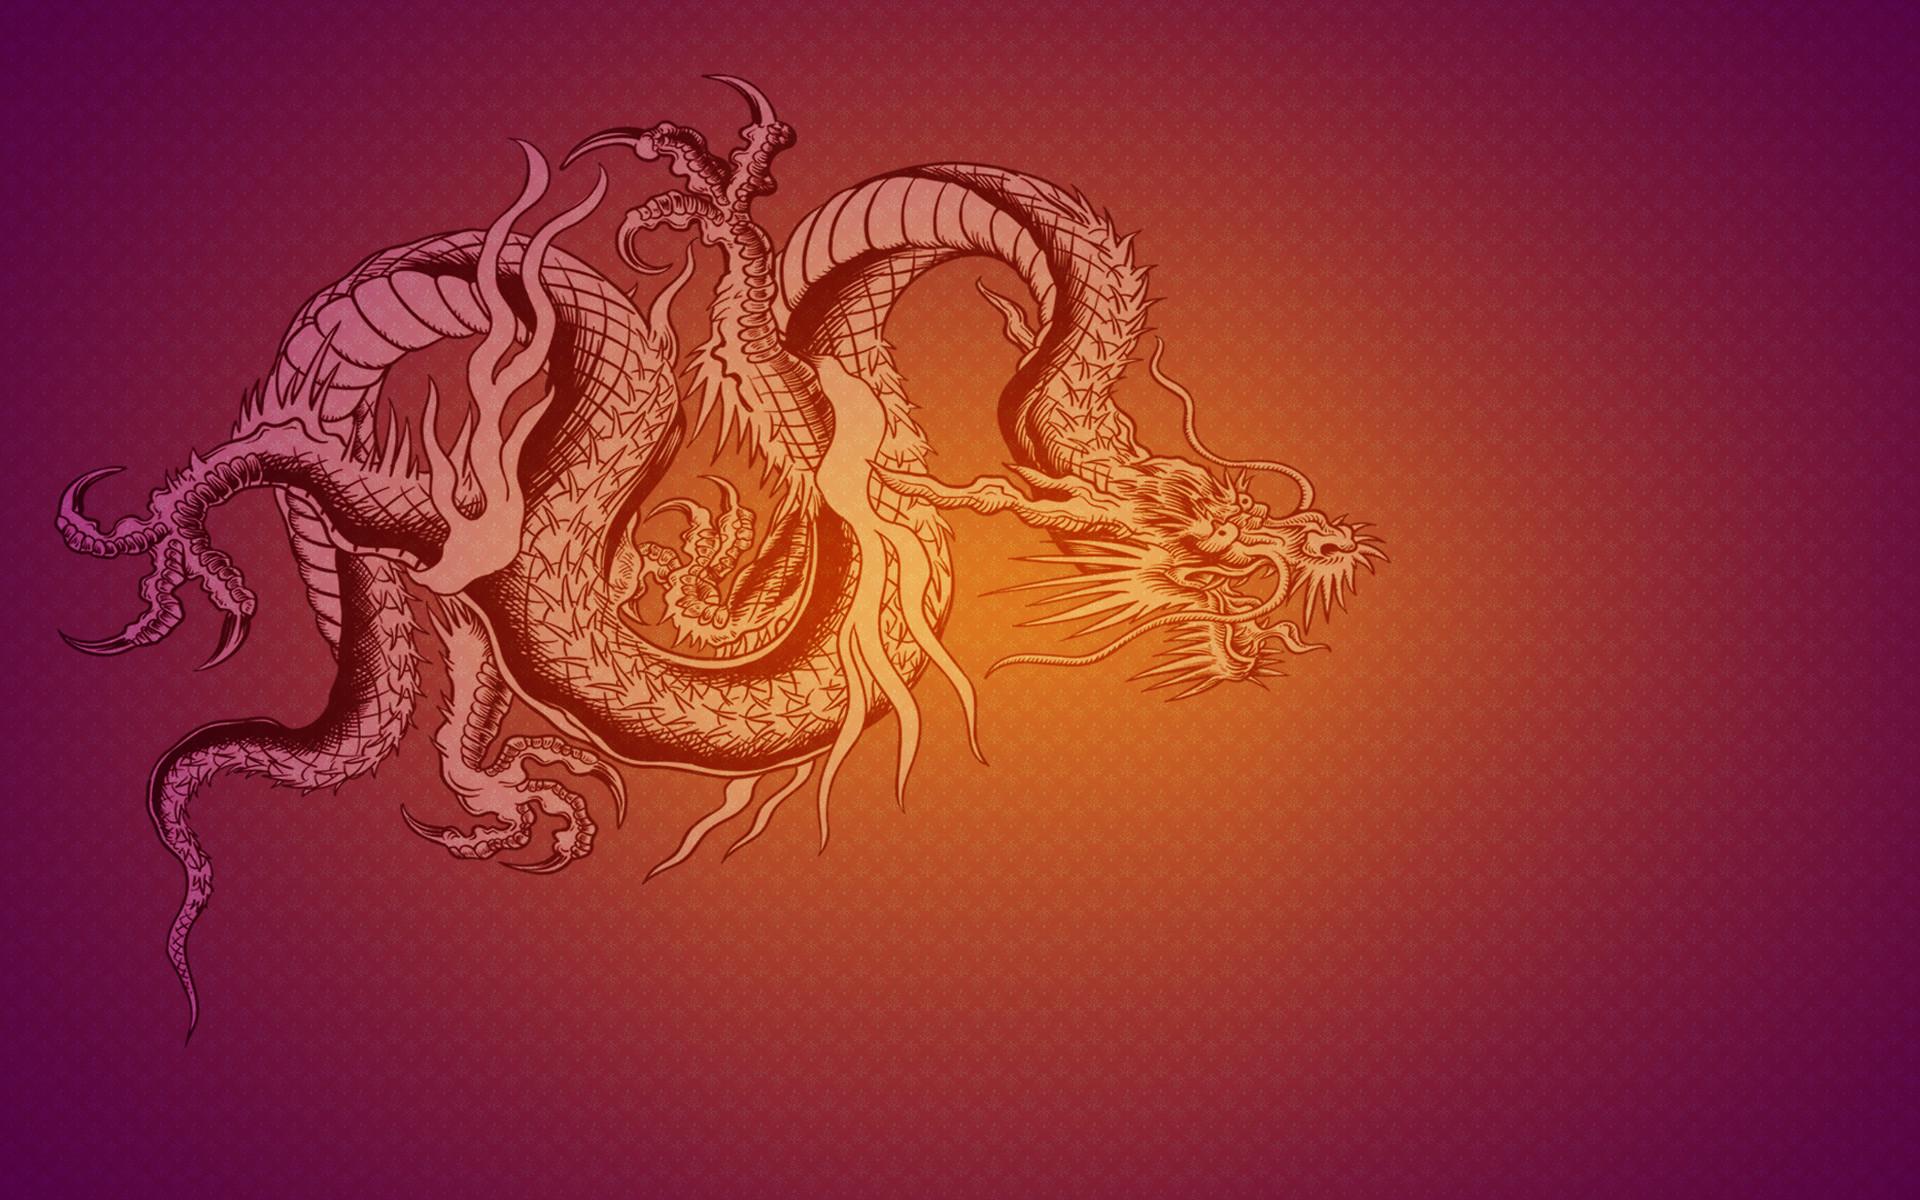 The dragon flag